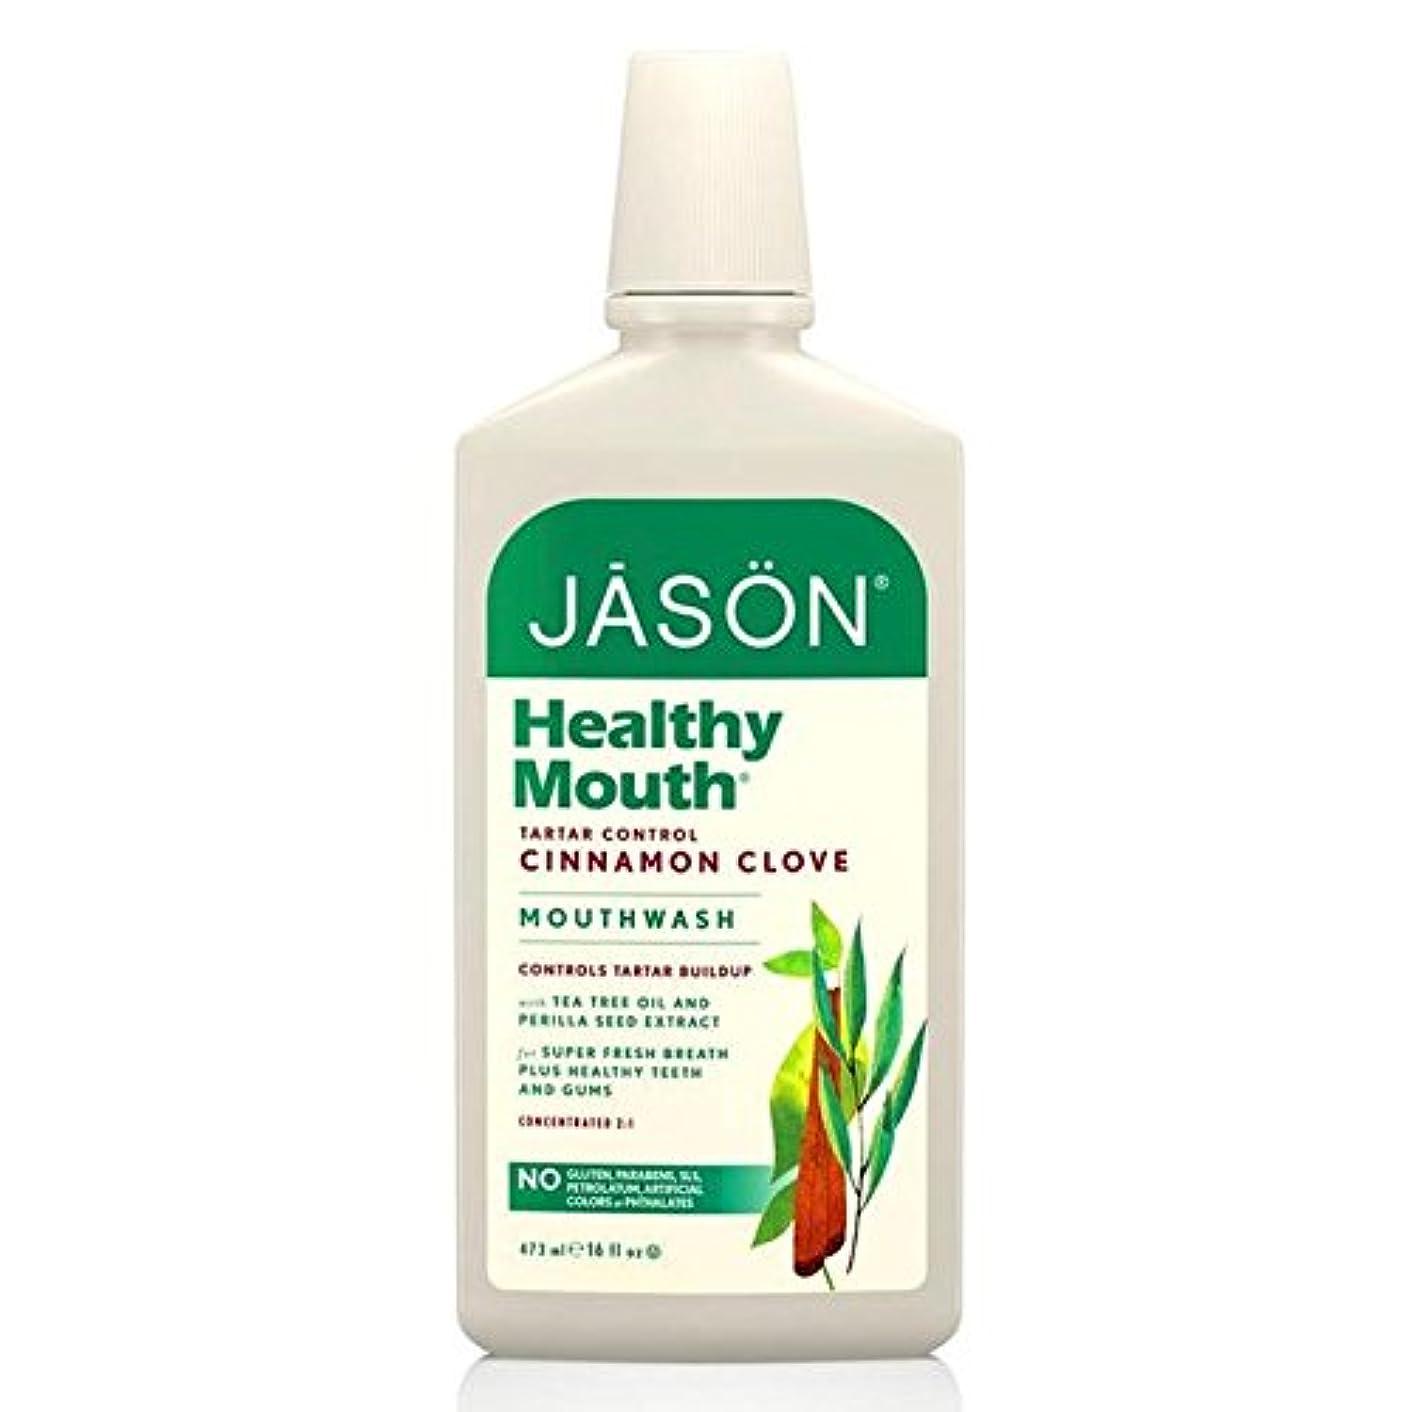 一時解雇する軍団ネックレットJason Healthy Mouthwash 480ml - ジェイソン?健康マウスウォッシュ480ミリリットル [並行輸入品]